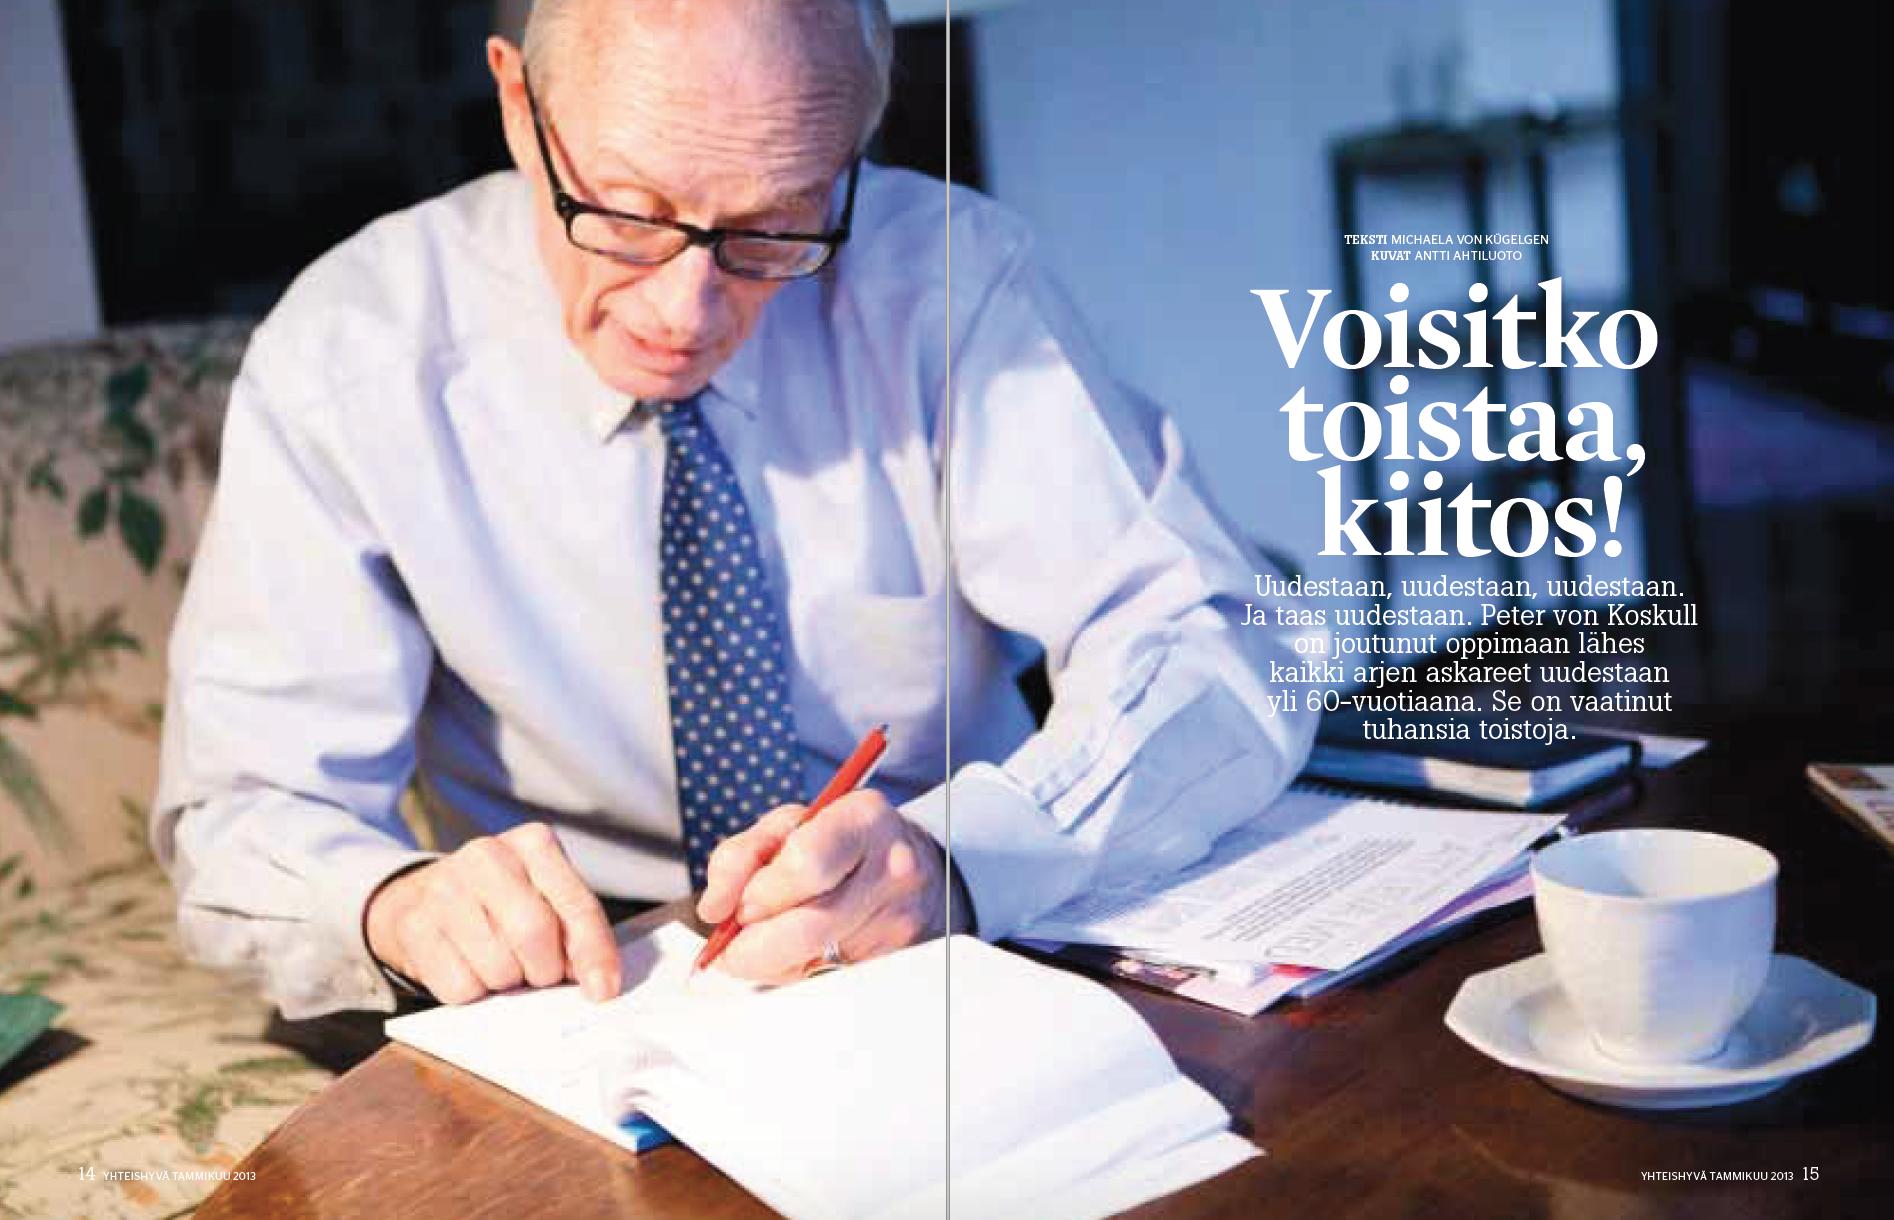 - Reportaasi afasiaa sairastavasta Peter von Koskullista Yhteishyvässä 1/2013. Lue juttu.